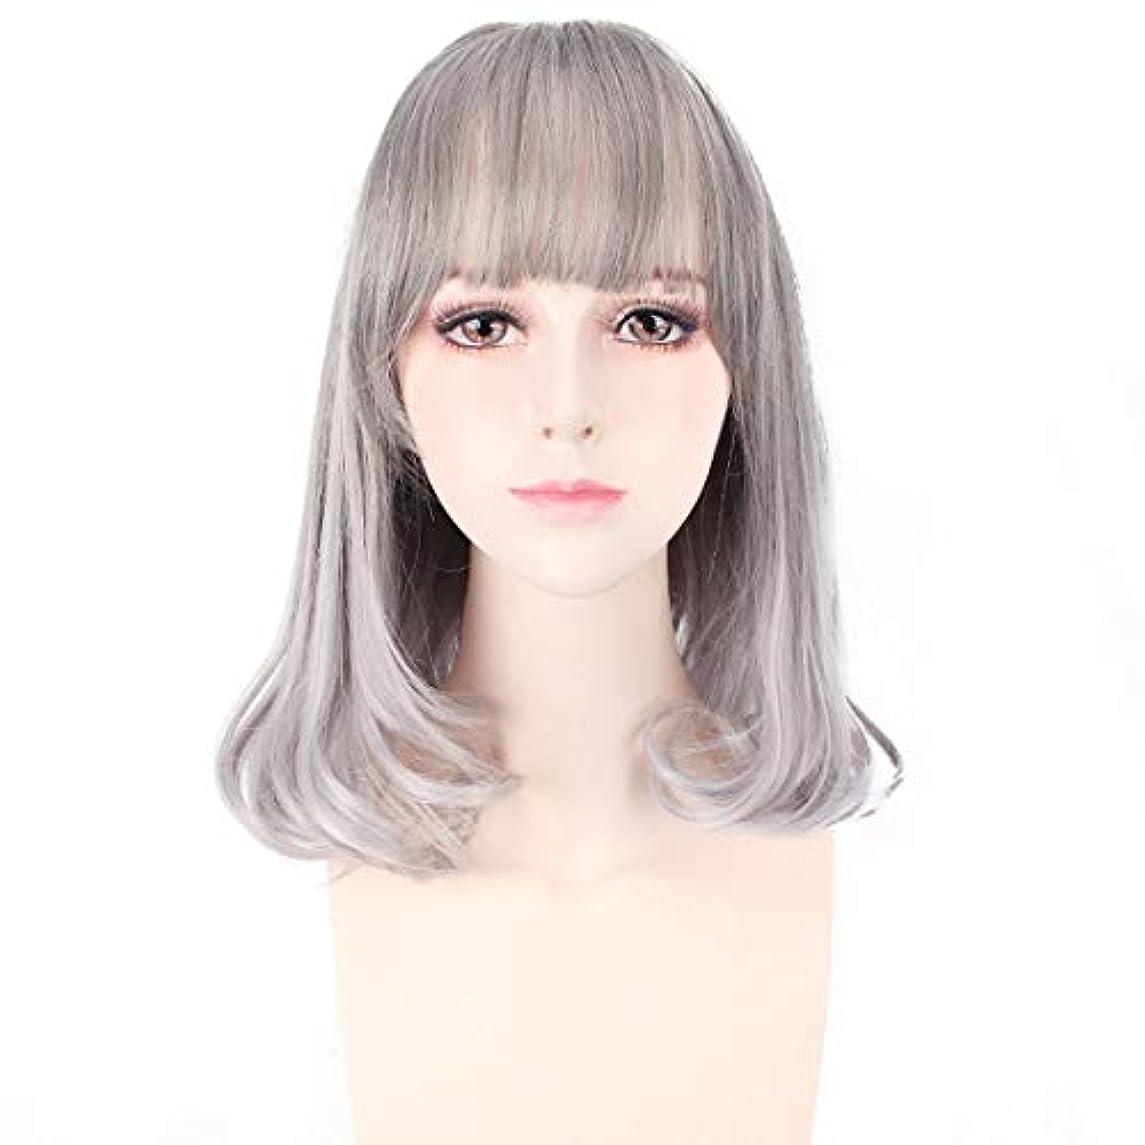 家庭教師エミュレーション期限YOUQIU 女子チー前髪ショートヘアウェーブ頭ふわふわのリアルなガールウィッグウィッグ用ショートヘア (色 : Silver gray)